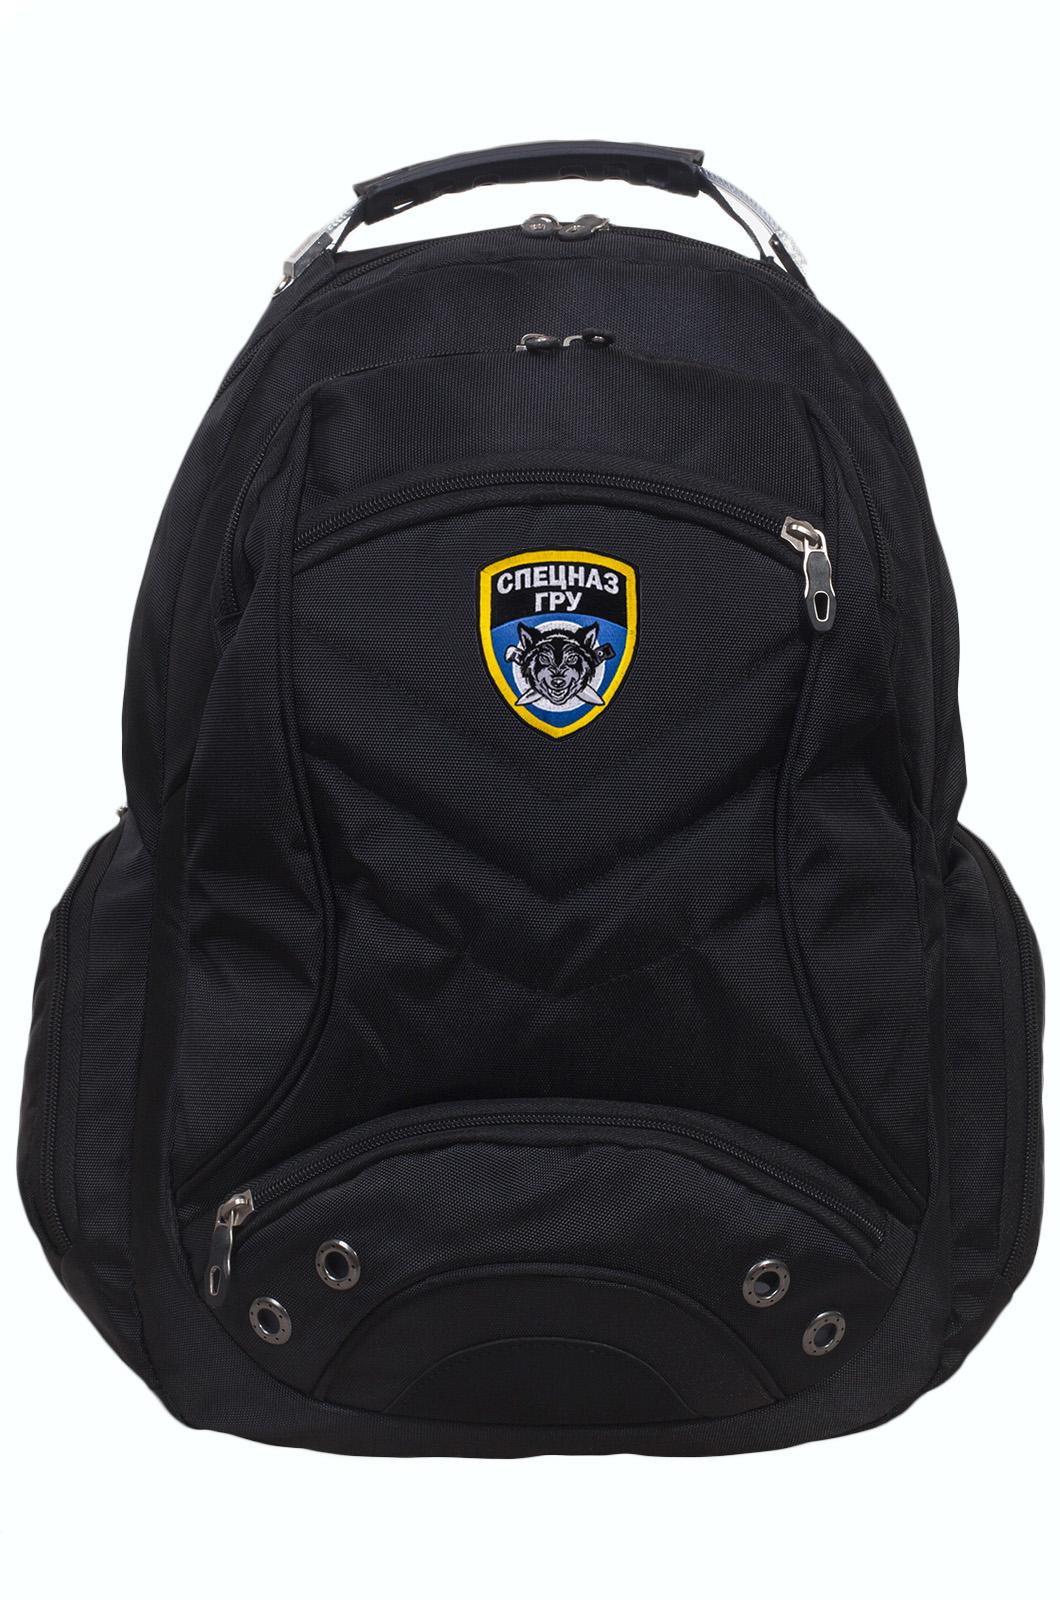 Крутой мужской рюкзак с эмблемой СпНаз ГРУ